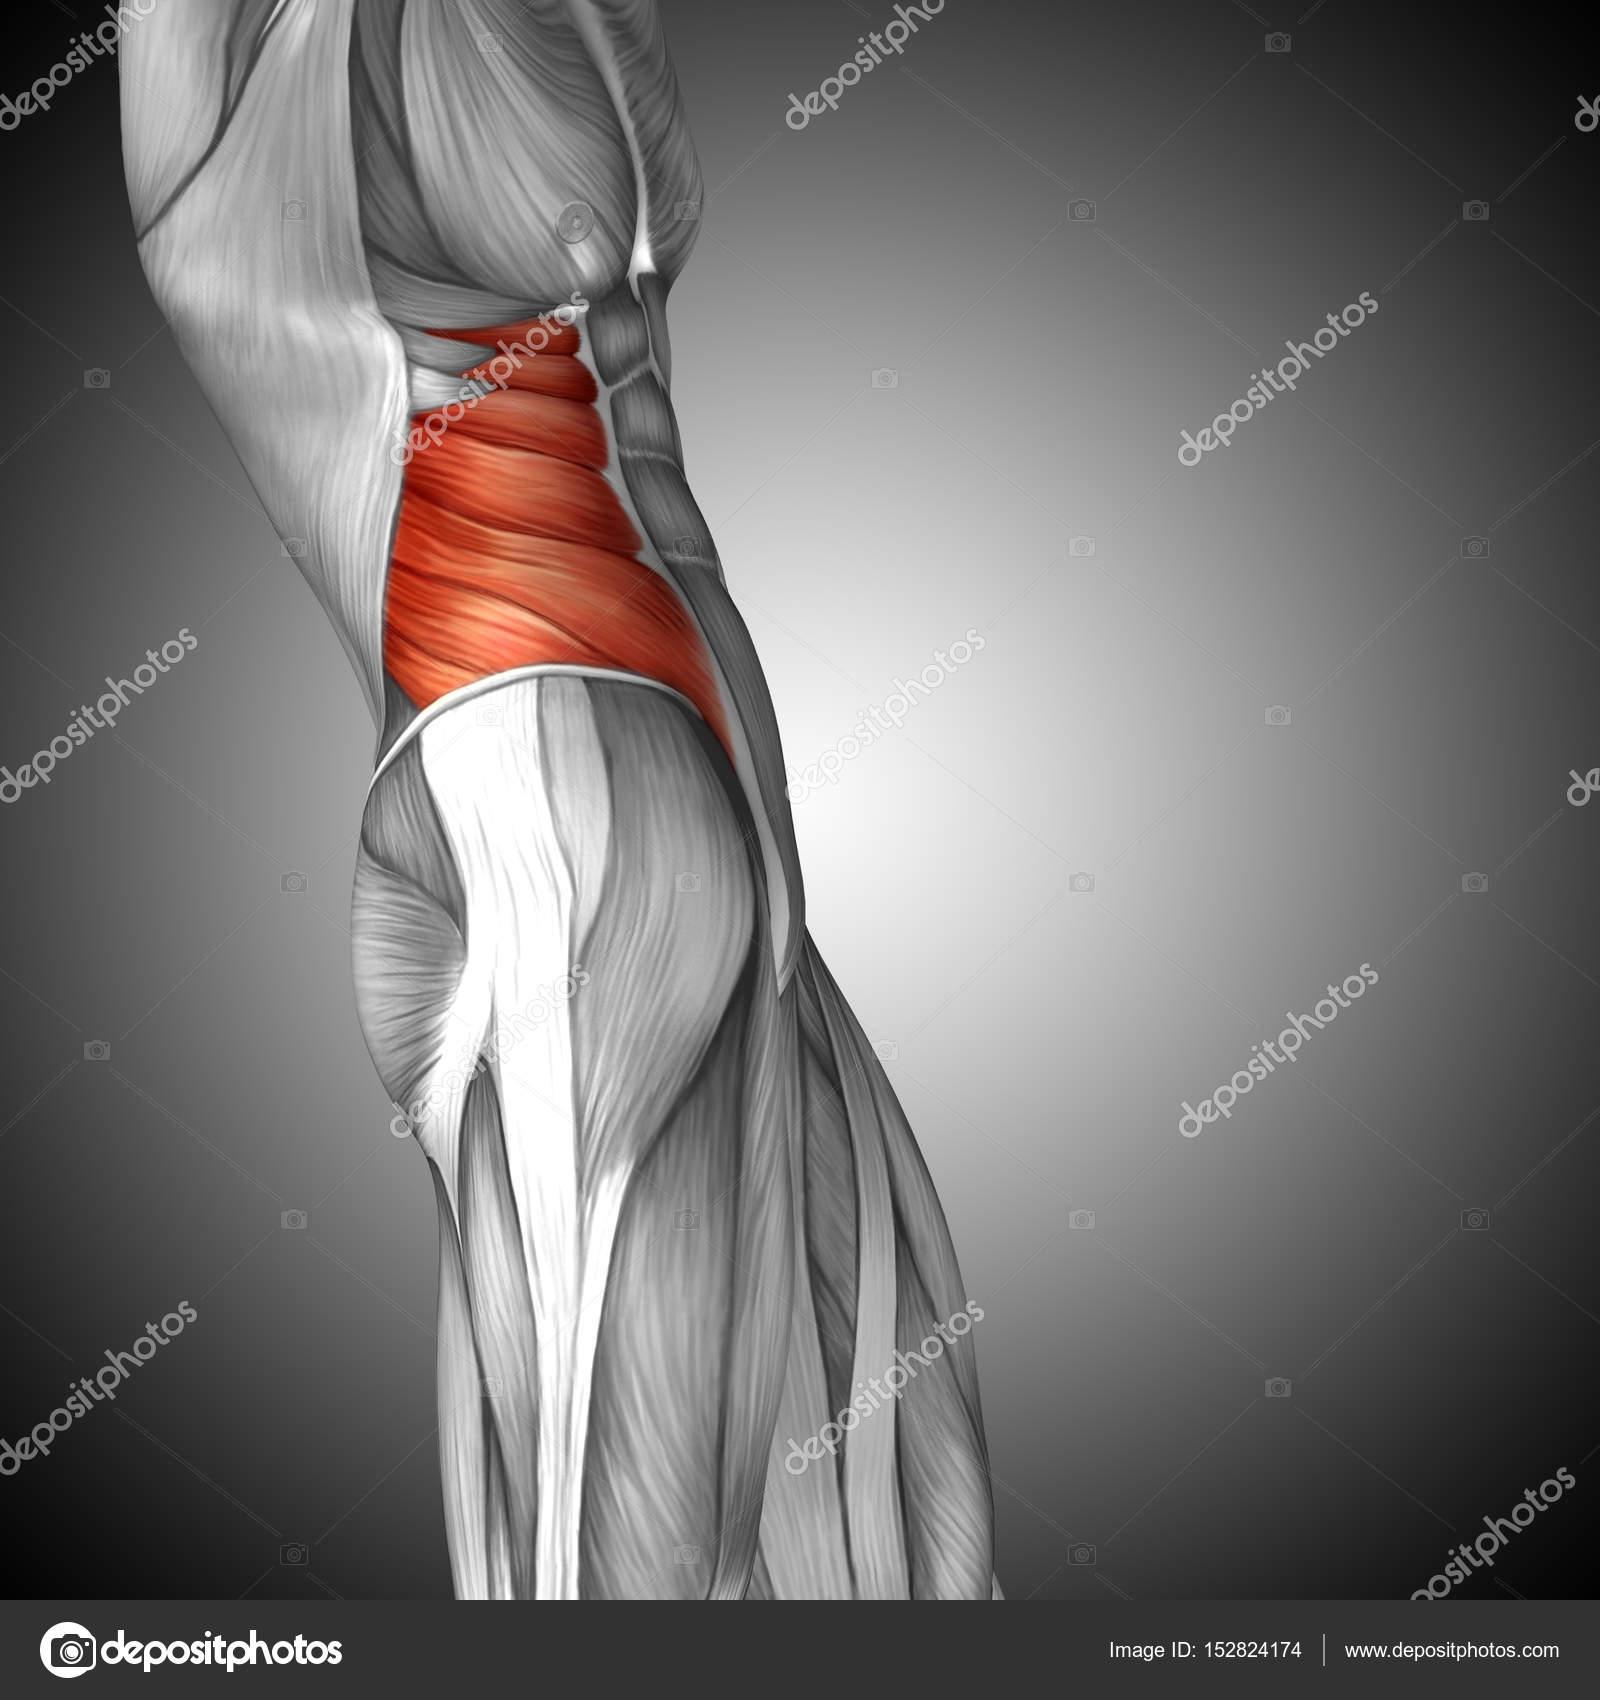 Anatomie der menschlichen Brust — Stockfoto © design36 #152824174